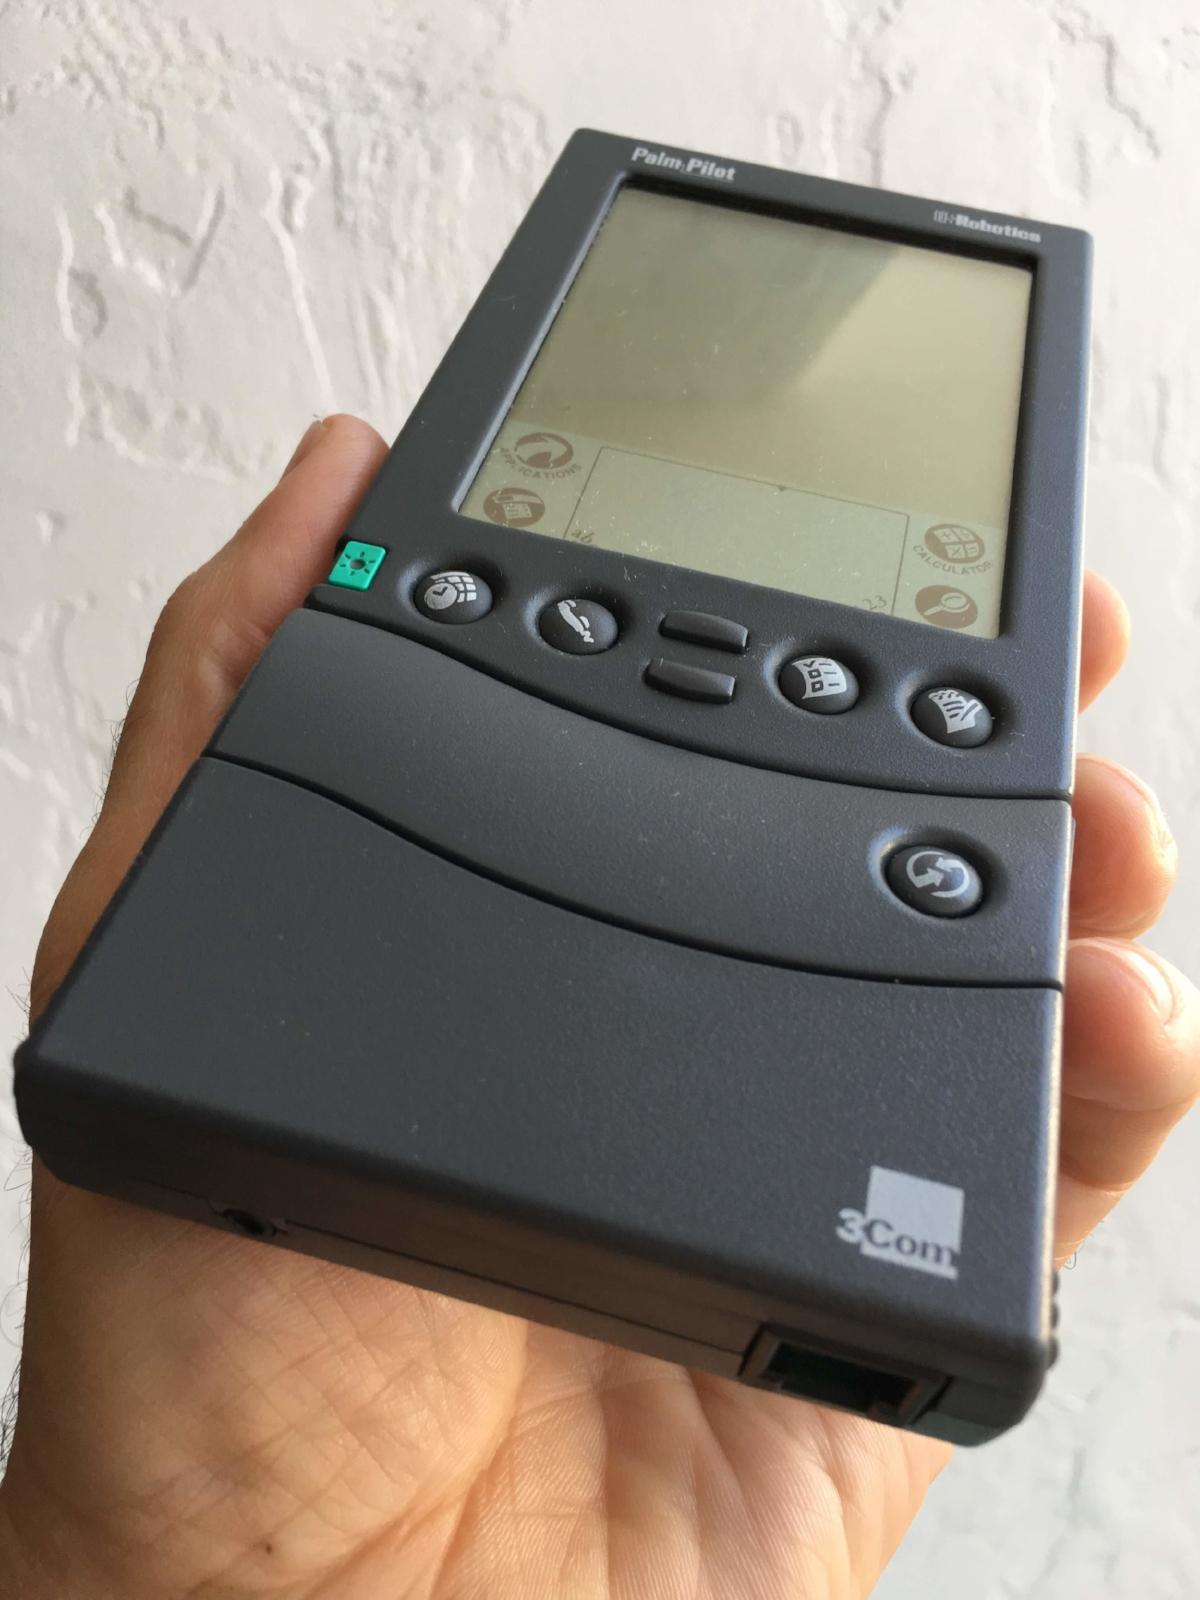 The original Palm Pilot with a modem.